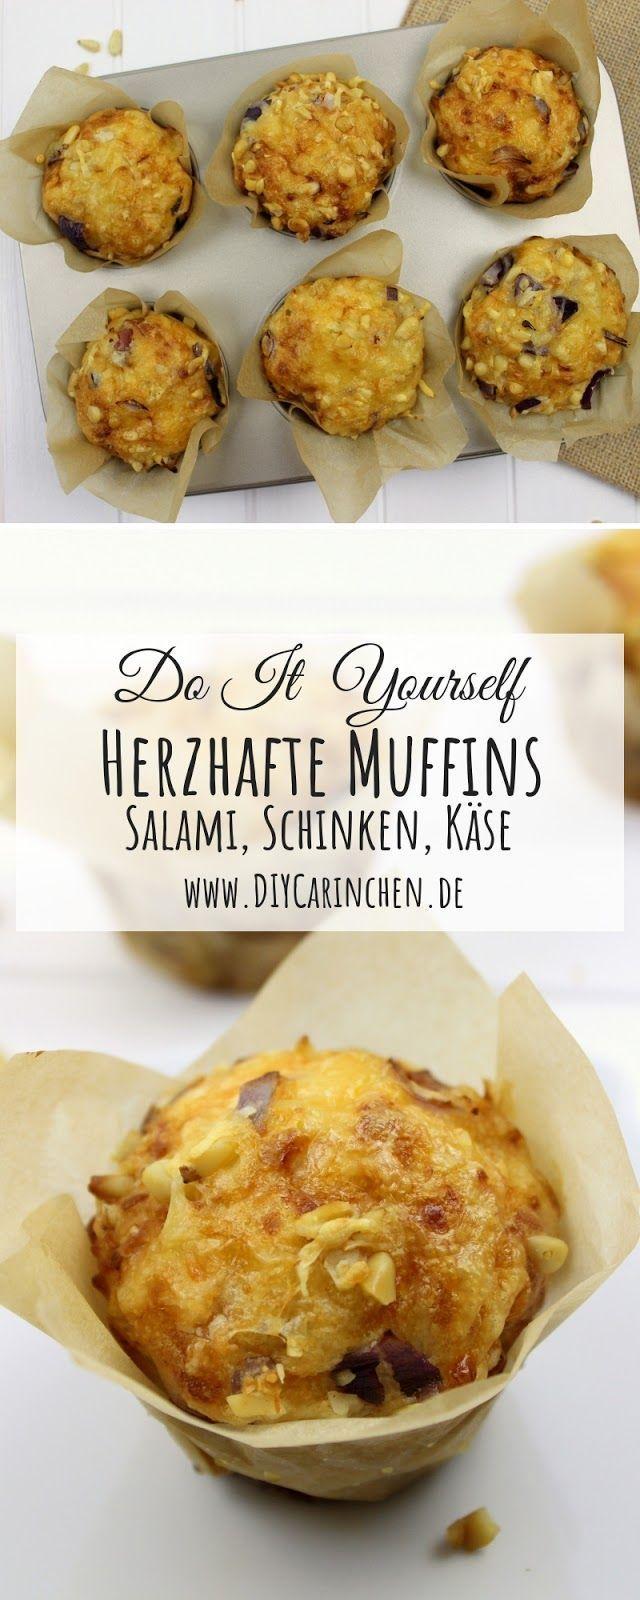 Rezept Schnelle einfache herzhafte SalamiSchinken Käse Muffins mit Reinert HerzensSACHE Rezept Schnelle einfache herzhafte SalamiSchinken Käse Muffins mit Reine...